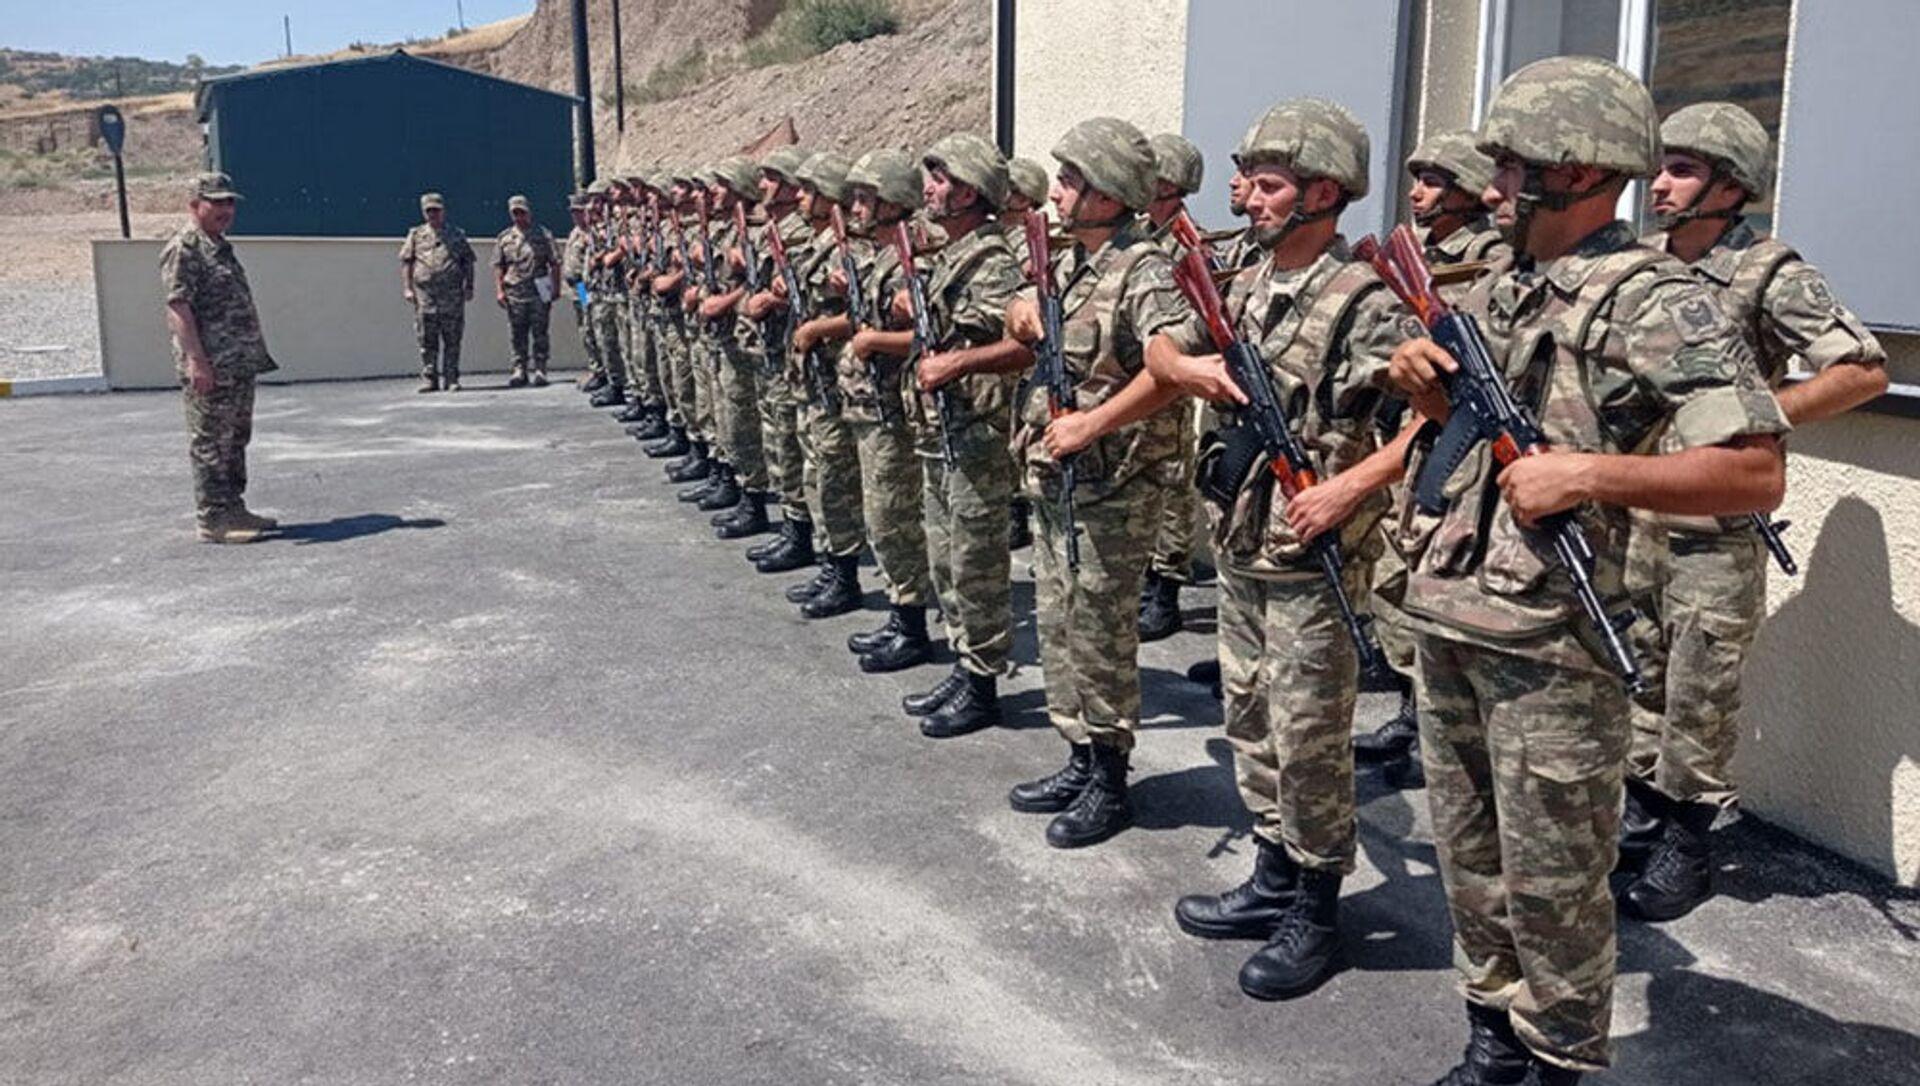 Министр обороны генерал-полковник Закир Гасанов побывал в нескольких новопостроенных и капитально отремонтированных воинских частях, дислоцированных на освобожденных территориях - Sputnik Азербайджан, 1920, 04.08.2021